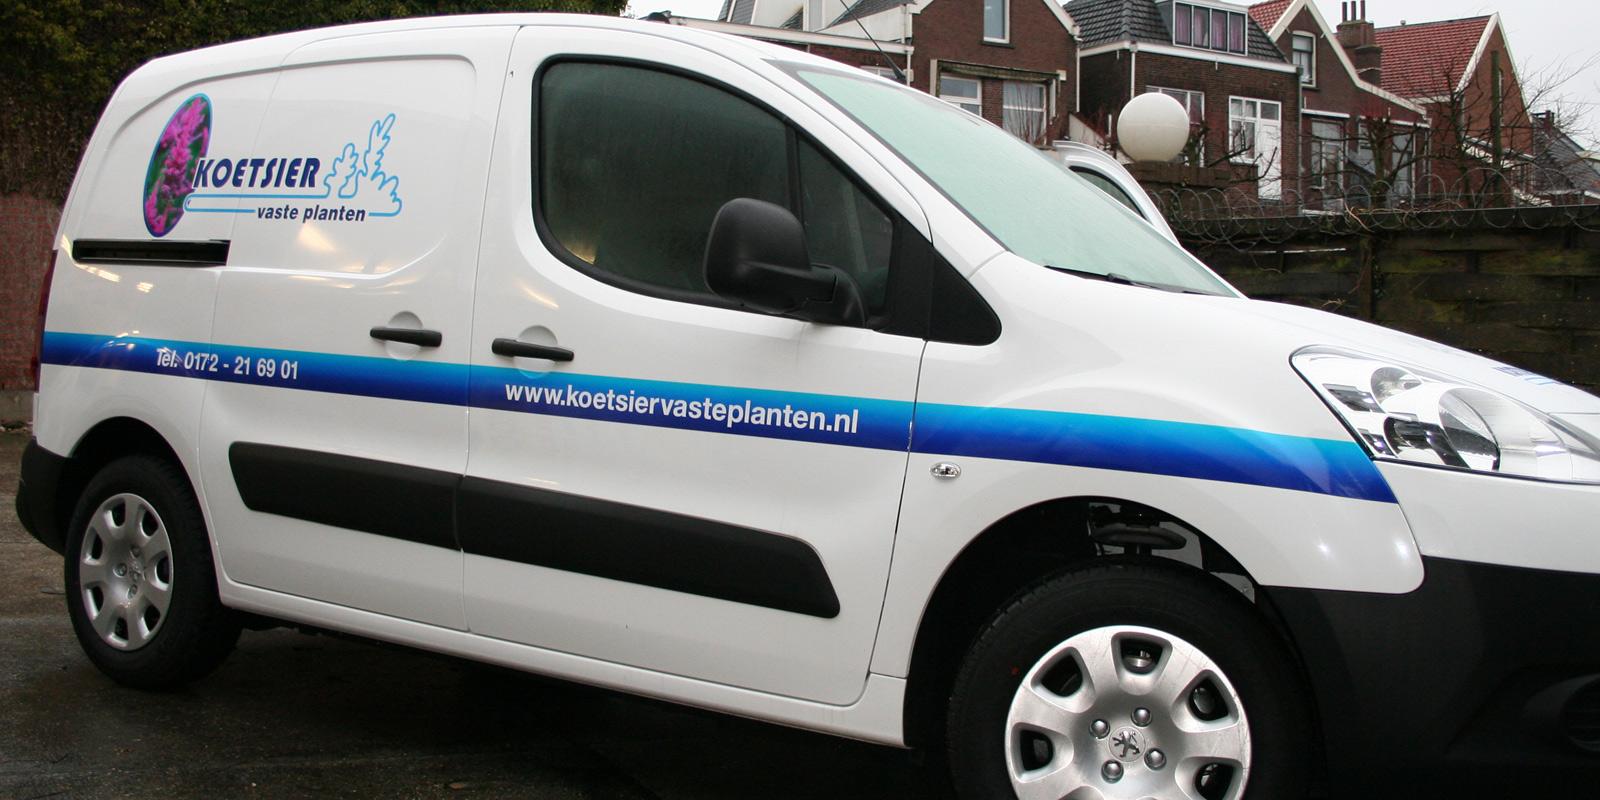 personenwagen auto reclame